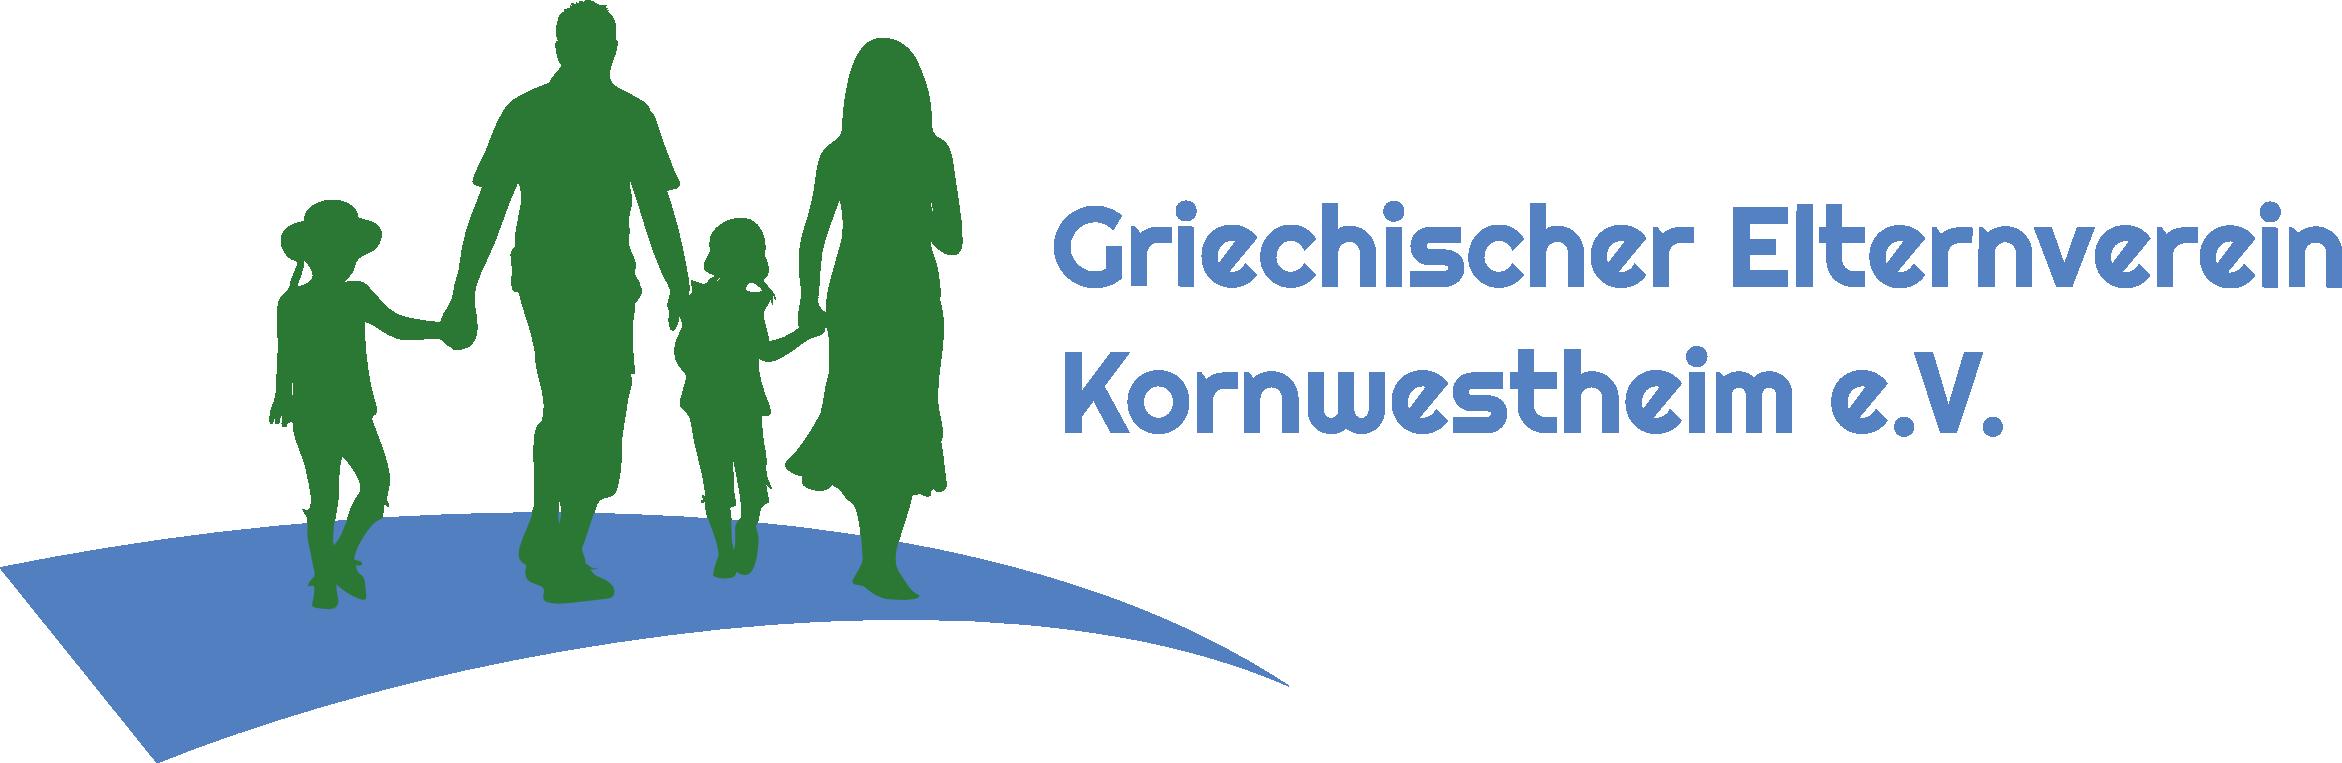 Griechischer Elternverein Kornwestheim